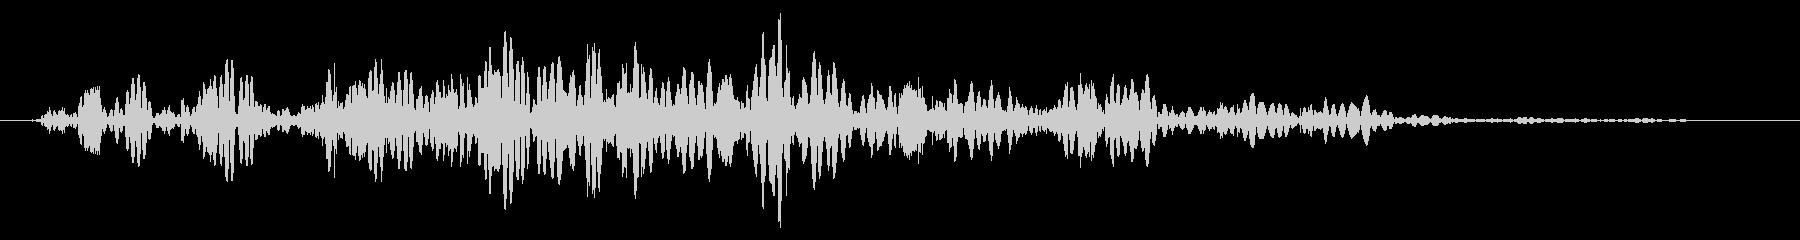 スライムなどが蠢く音タイプC#2の未再生の波形